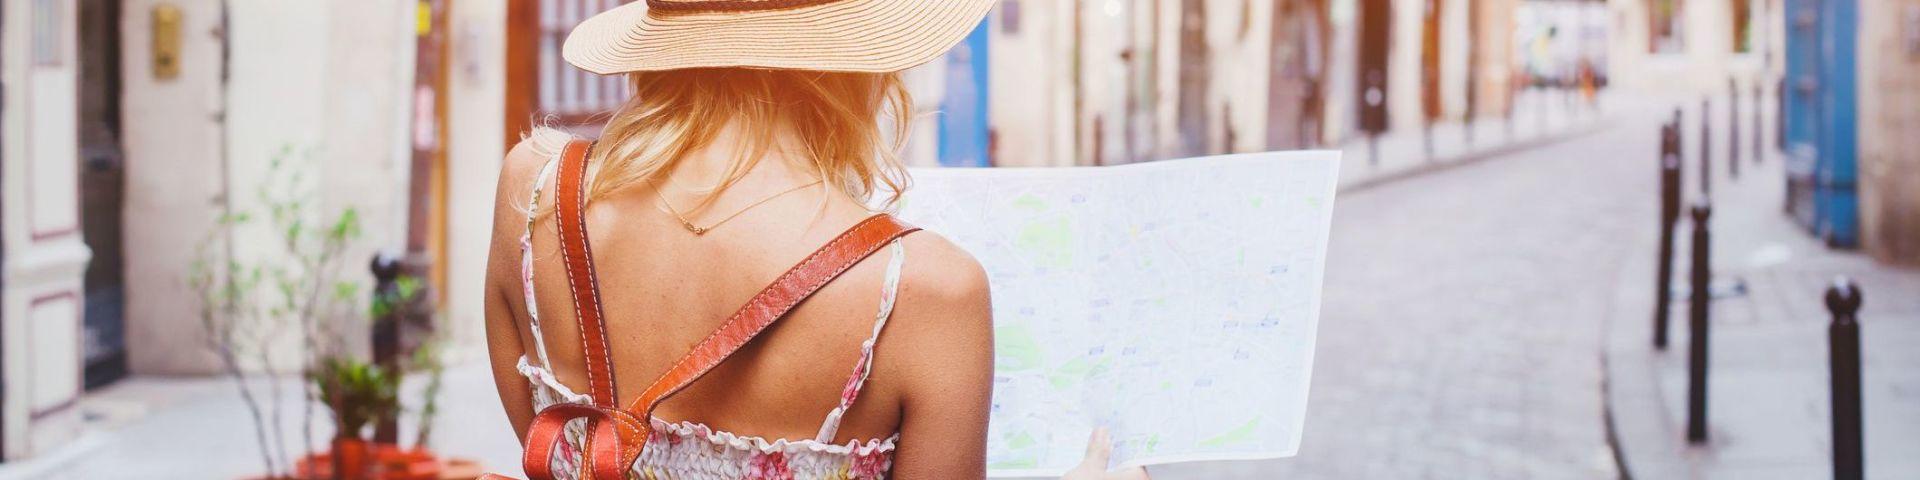 Wohin kann man reisen?